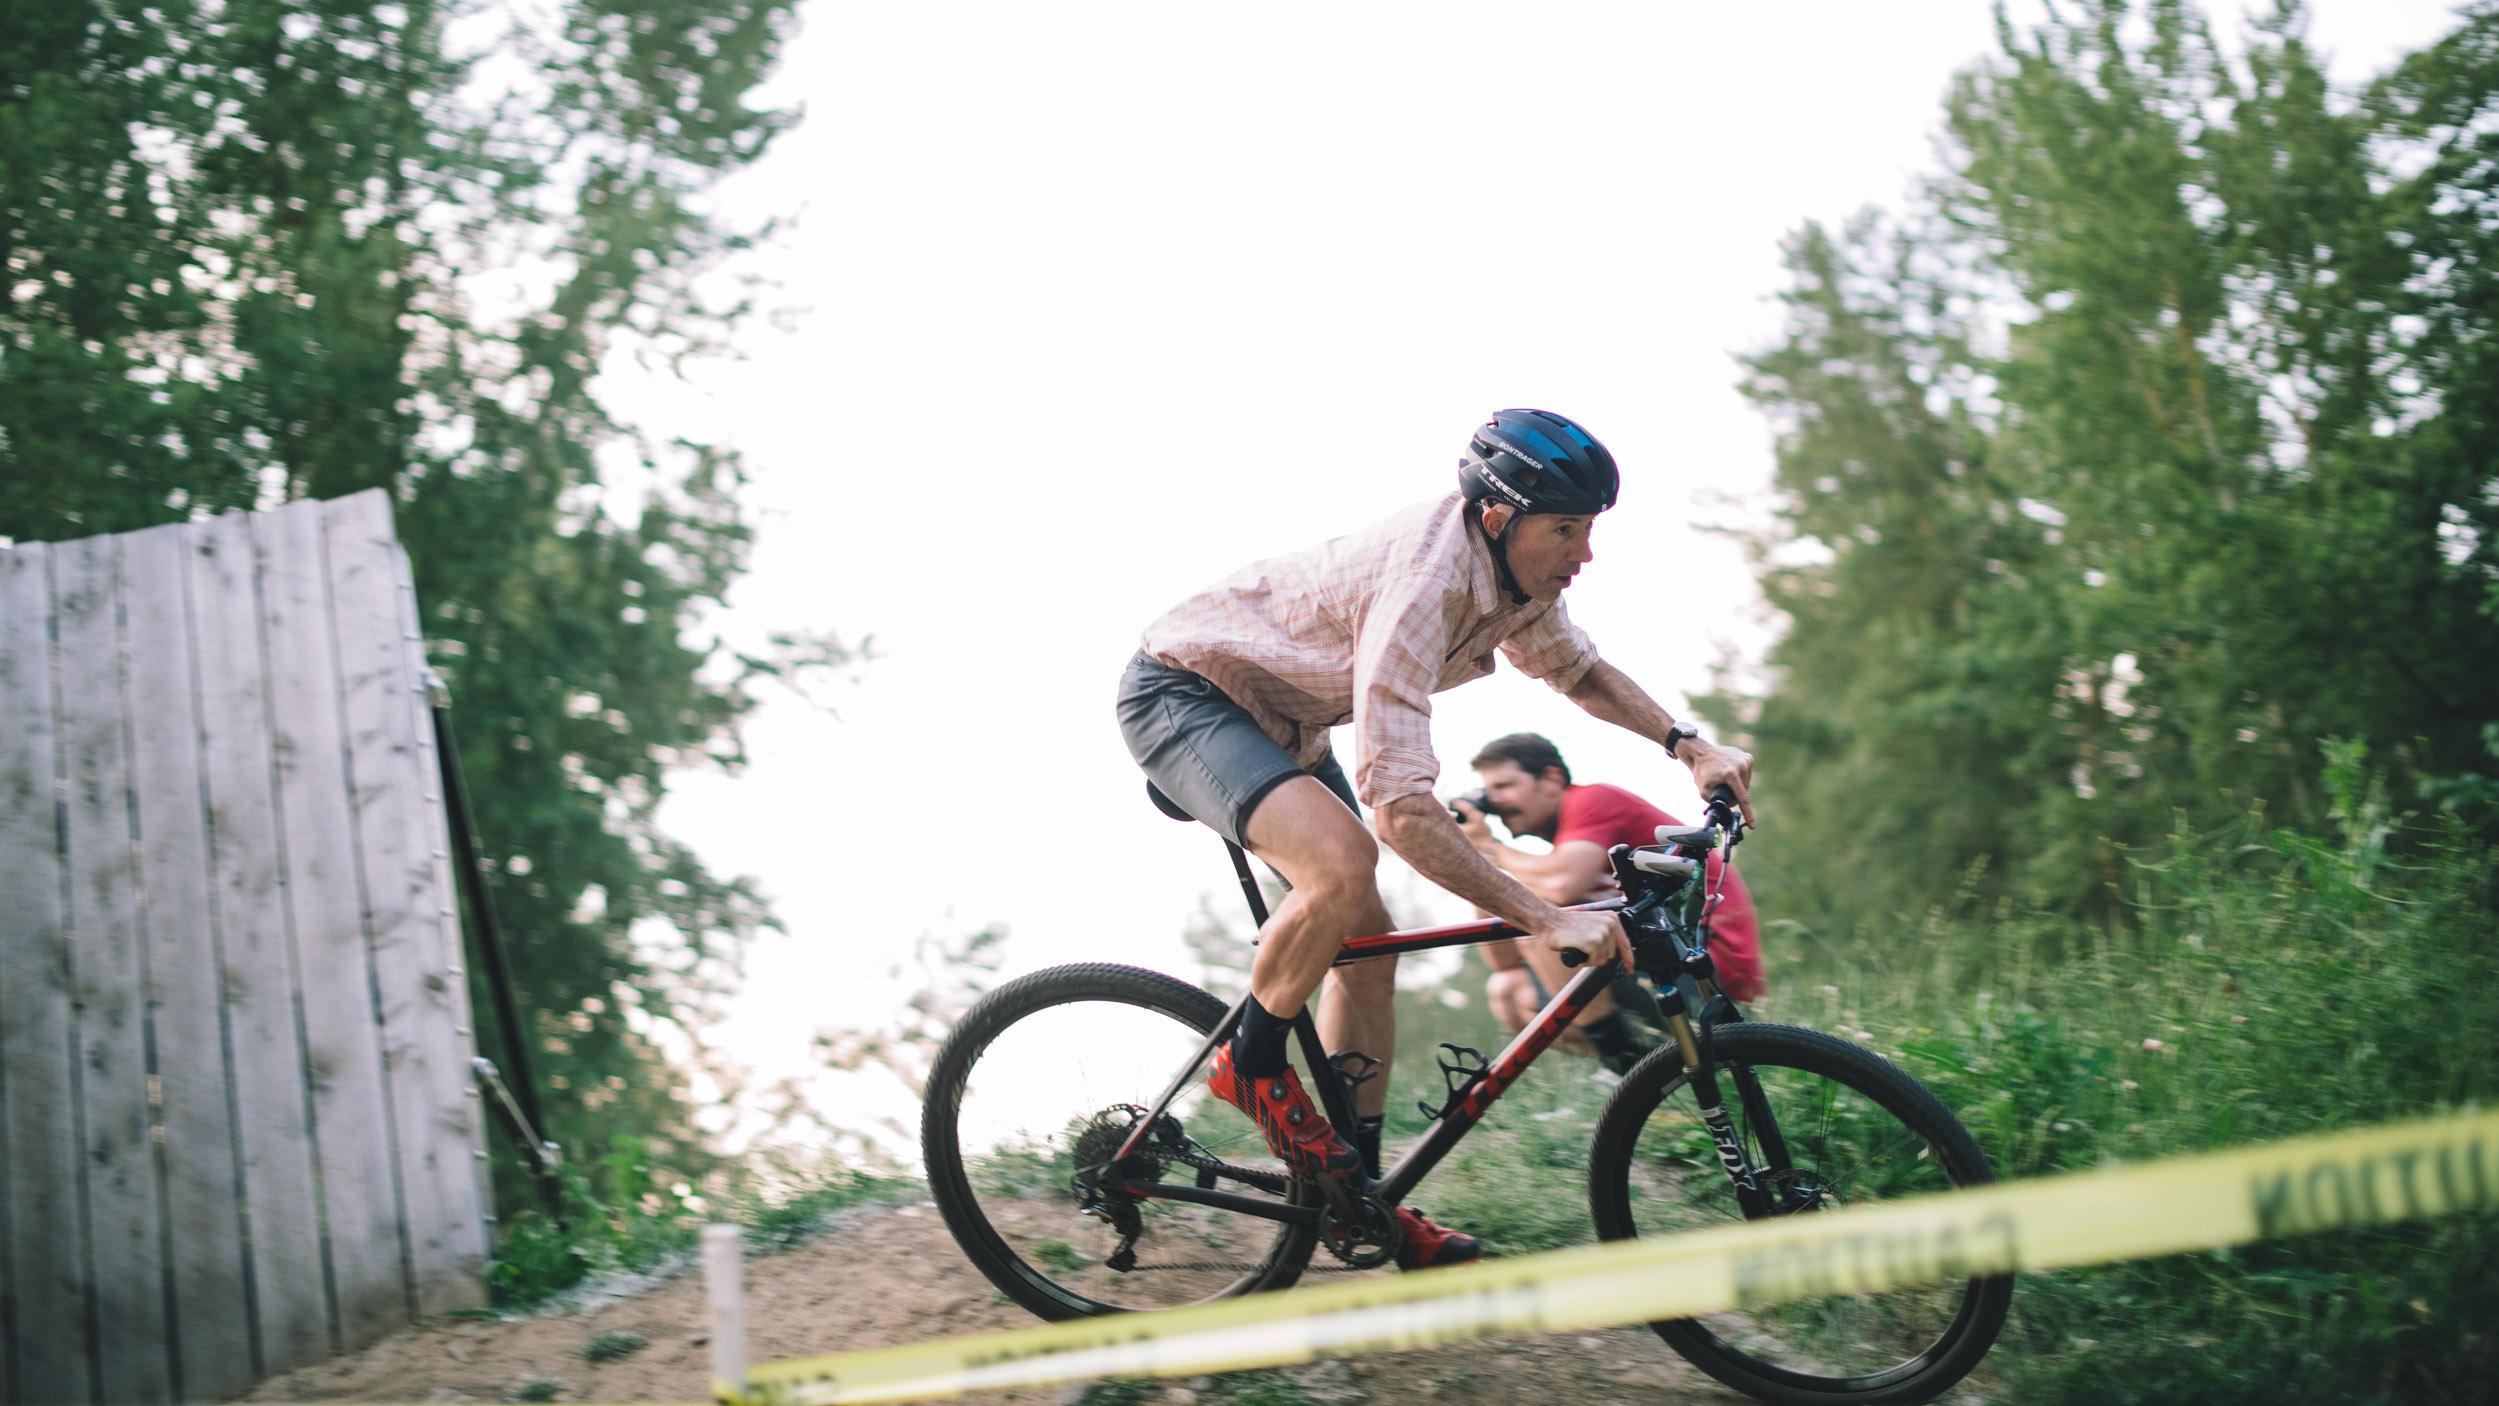 COBRA_Racing_Gateway_Miguel_Race_6.jpg